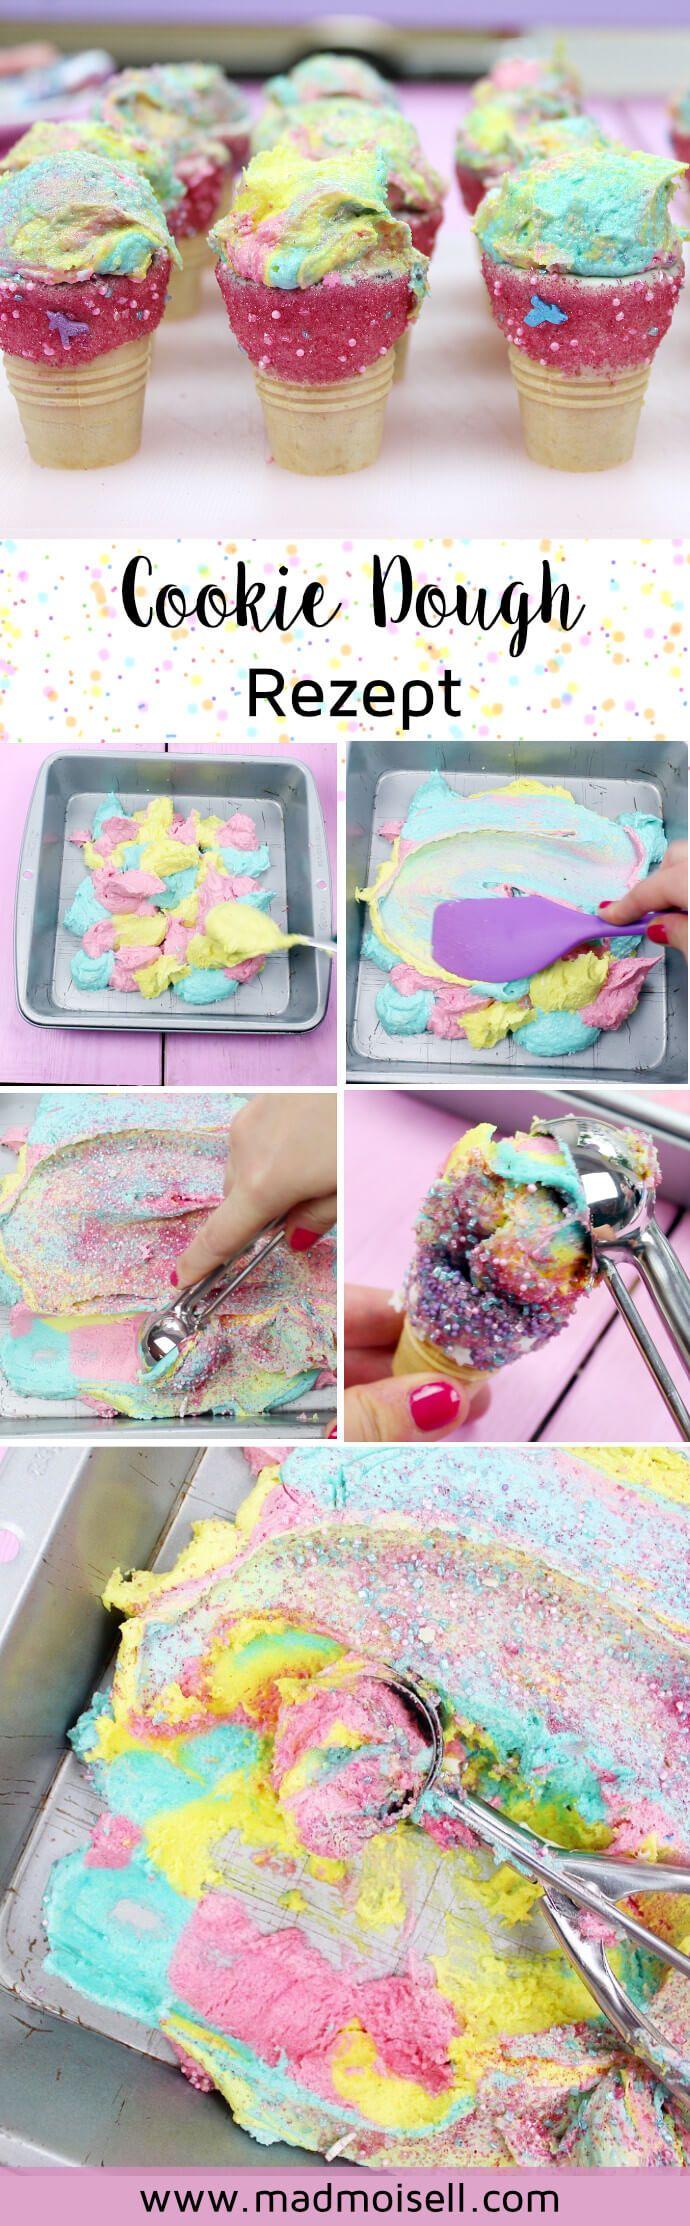 Machen Sie sich Unicorn Cookie Dough (Raw Cookie Dough) – Einfache DIY Rezept für …   – Madmoisell DIY Projekte⎪ Basteln & Selbermachen